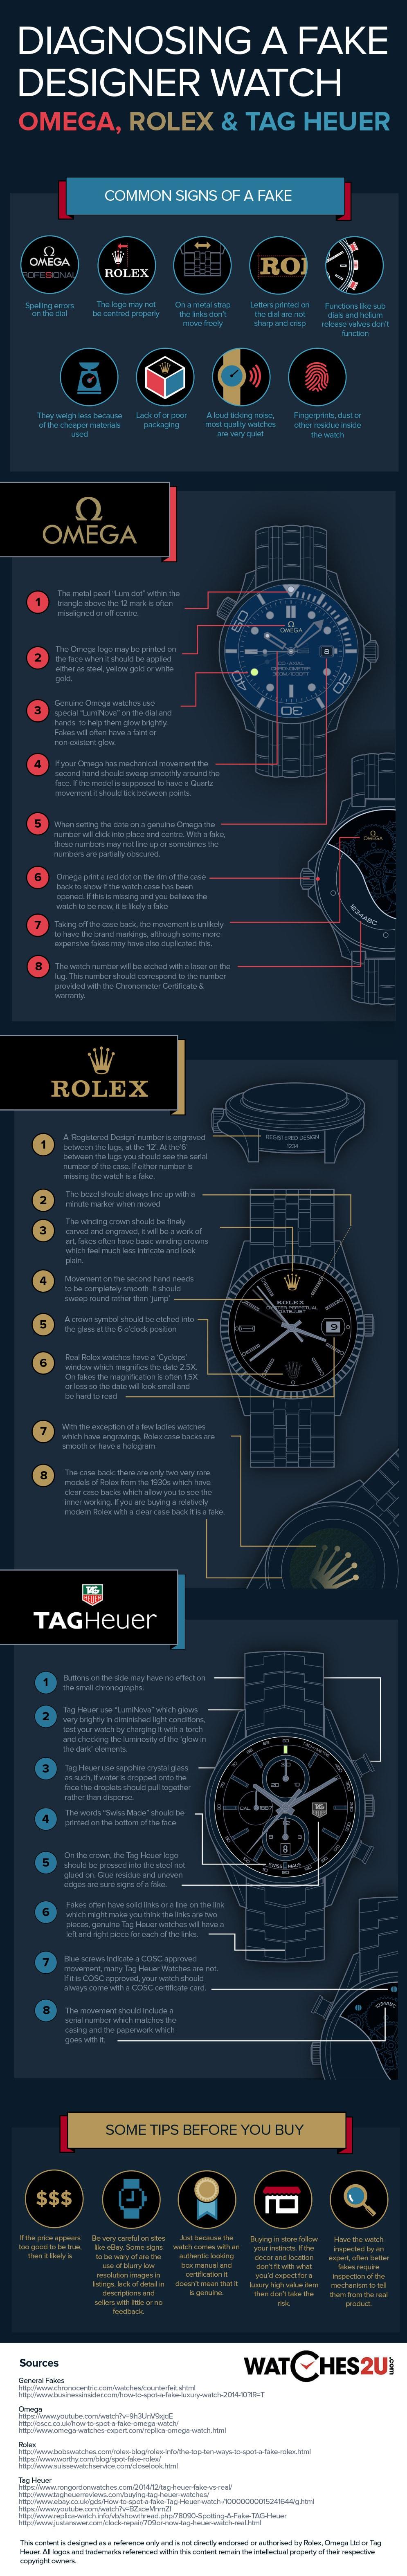 diagnosing fake watch designer